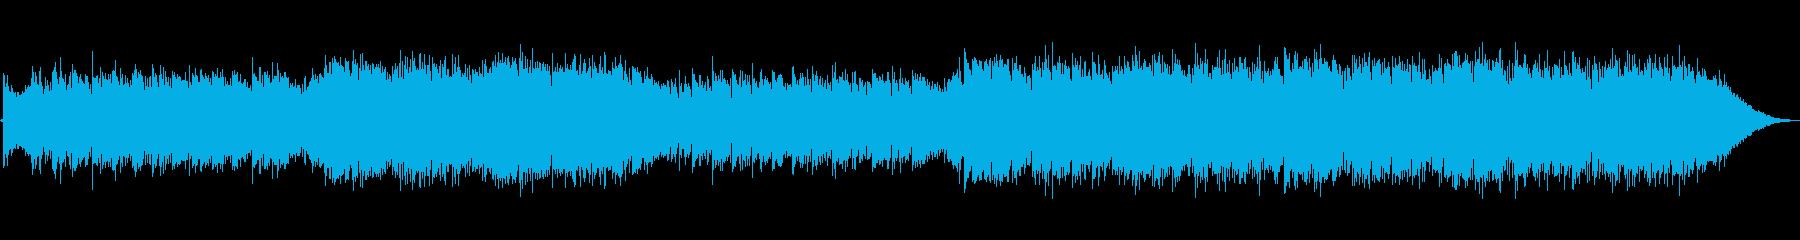 オープニング・情熱的なフラメンコEDMの再生済みの波形